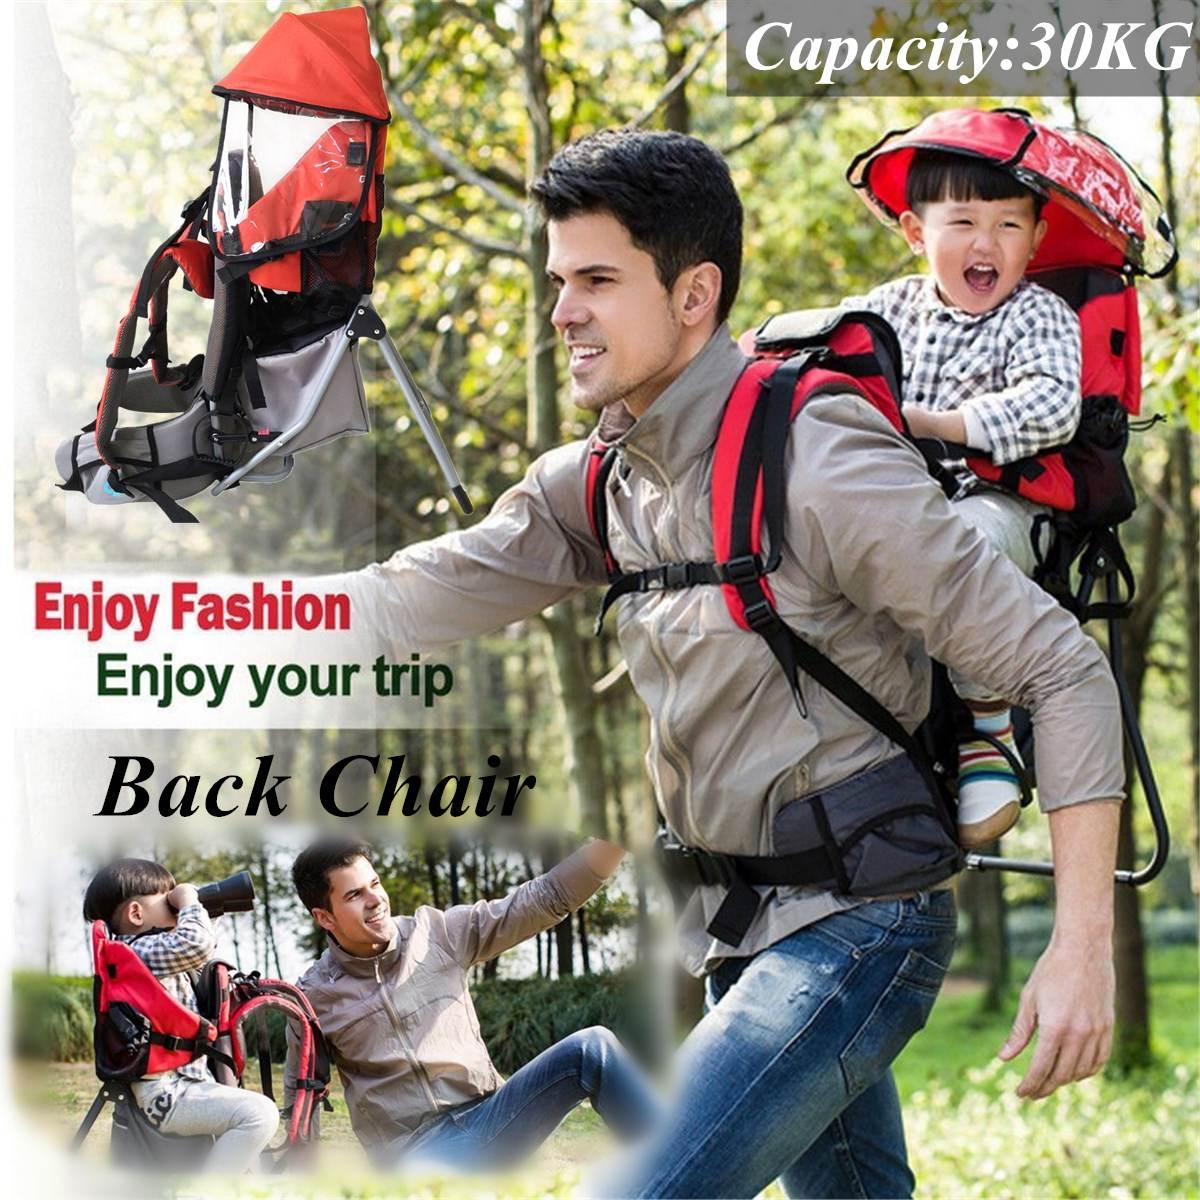 Porte-bébé pliable sac à dos imperméable bébé bambin randonnée sac à dos extérieur voyage bébé cadre arrière chaise portant poids 30Kg